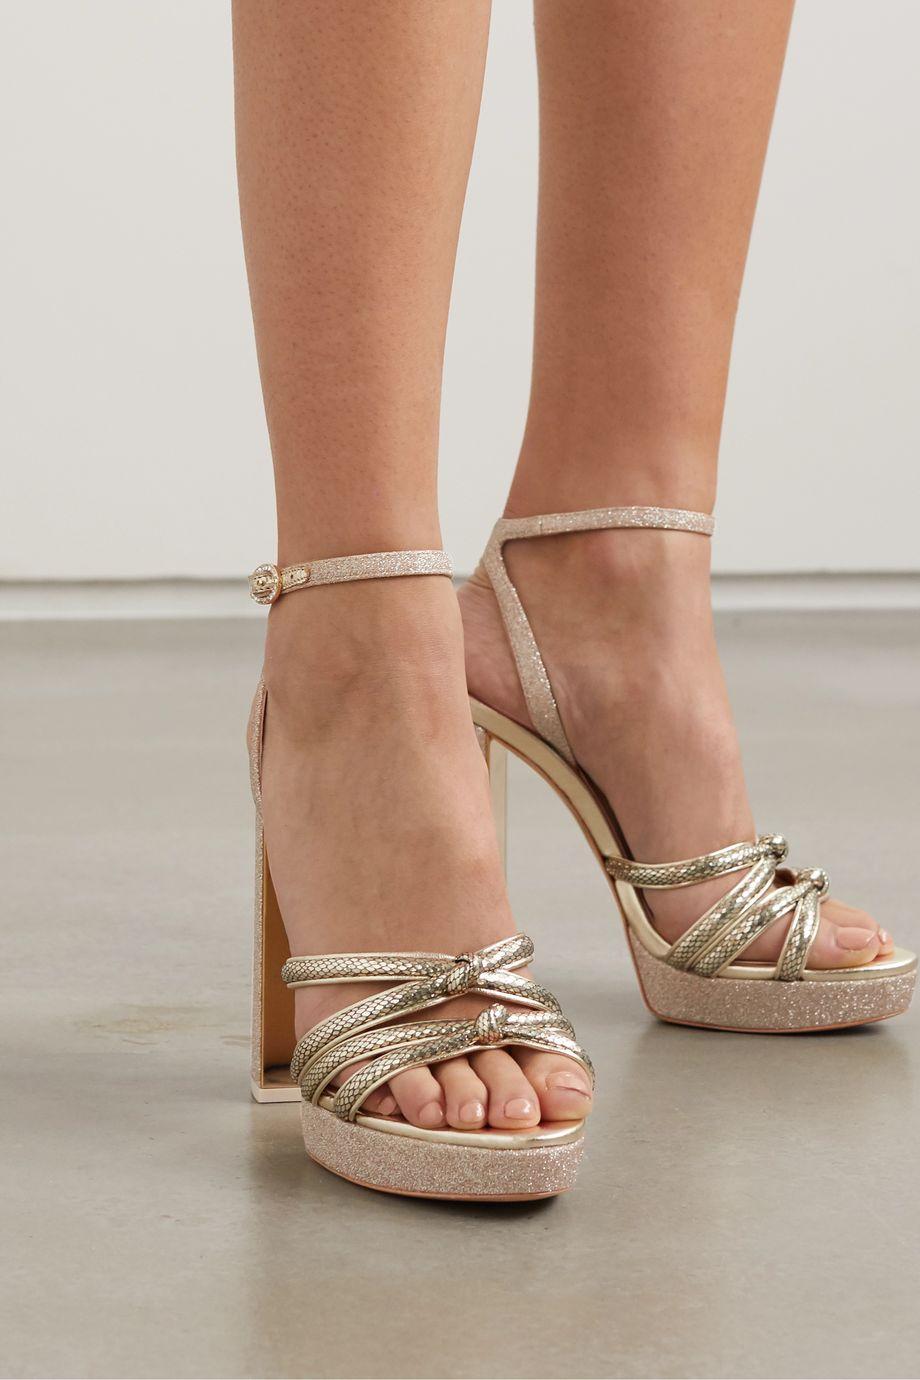 Sophia Webster Freya crystal-embellished metallic snake-effect and glittered leather platform sandals